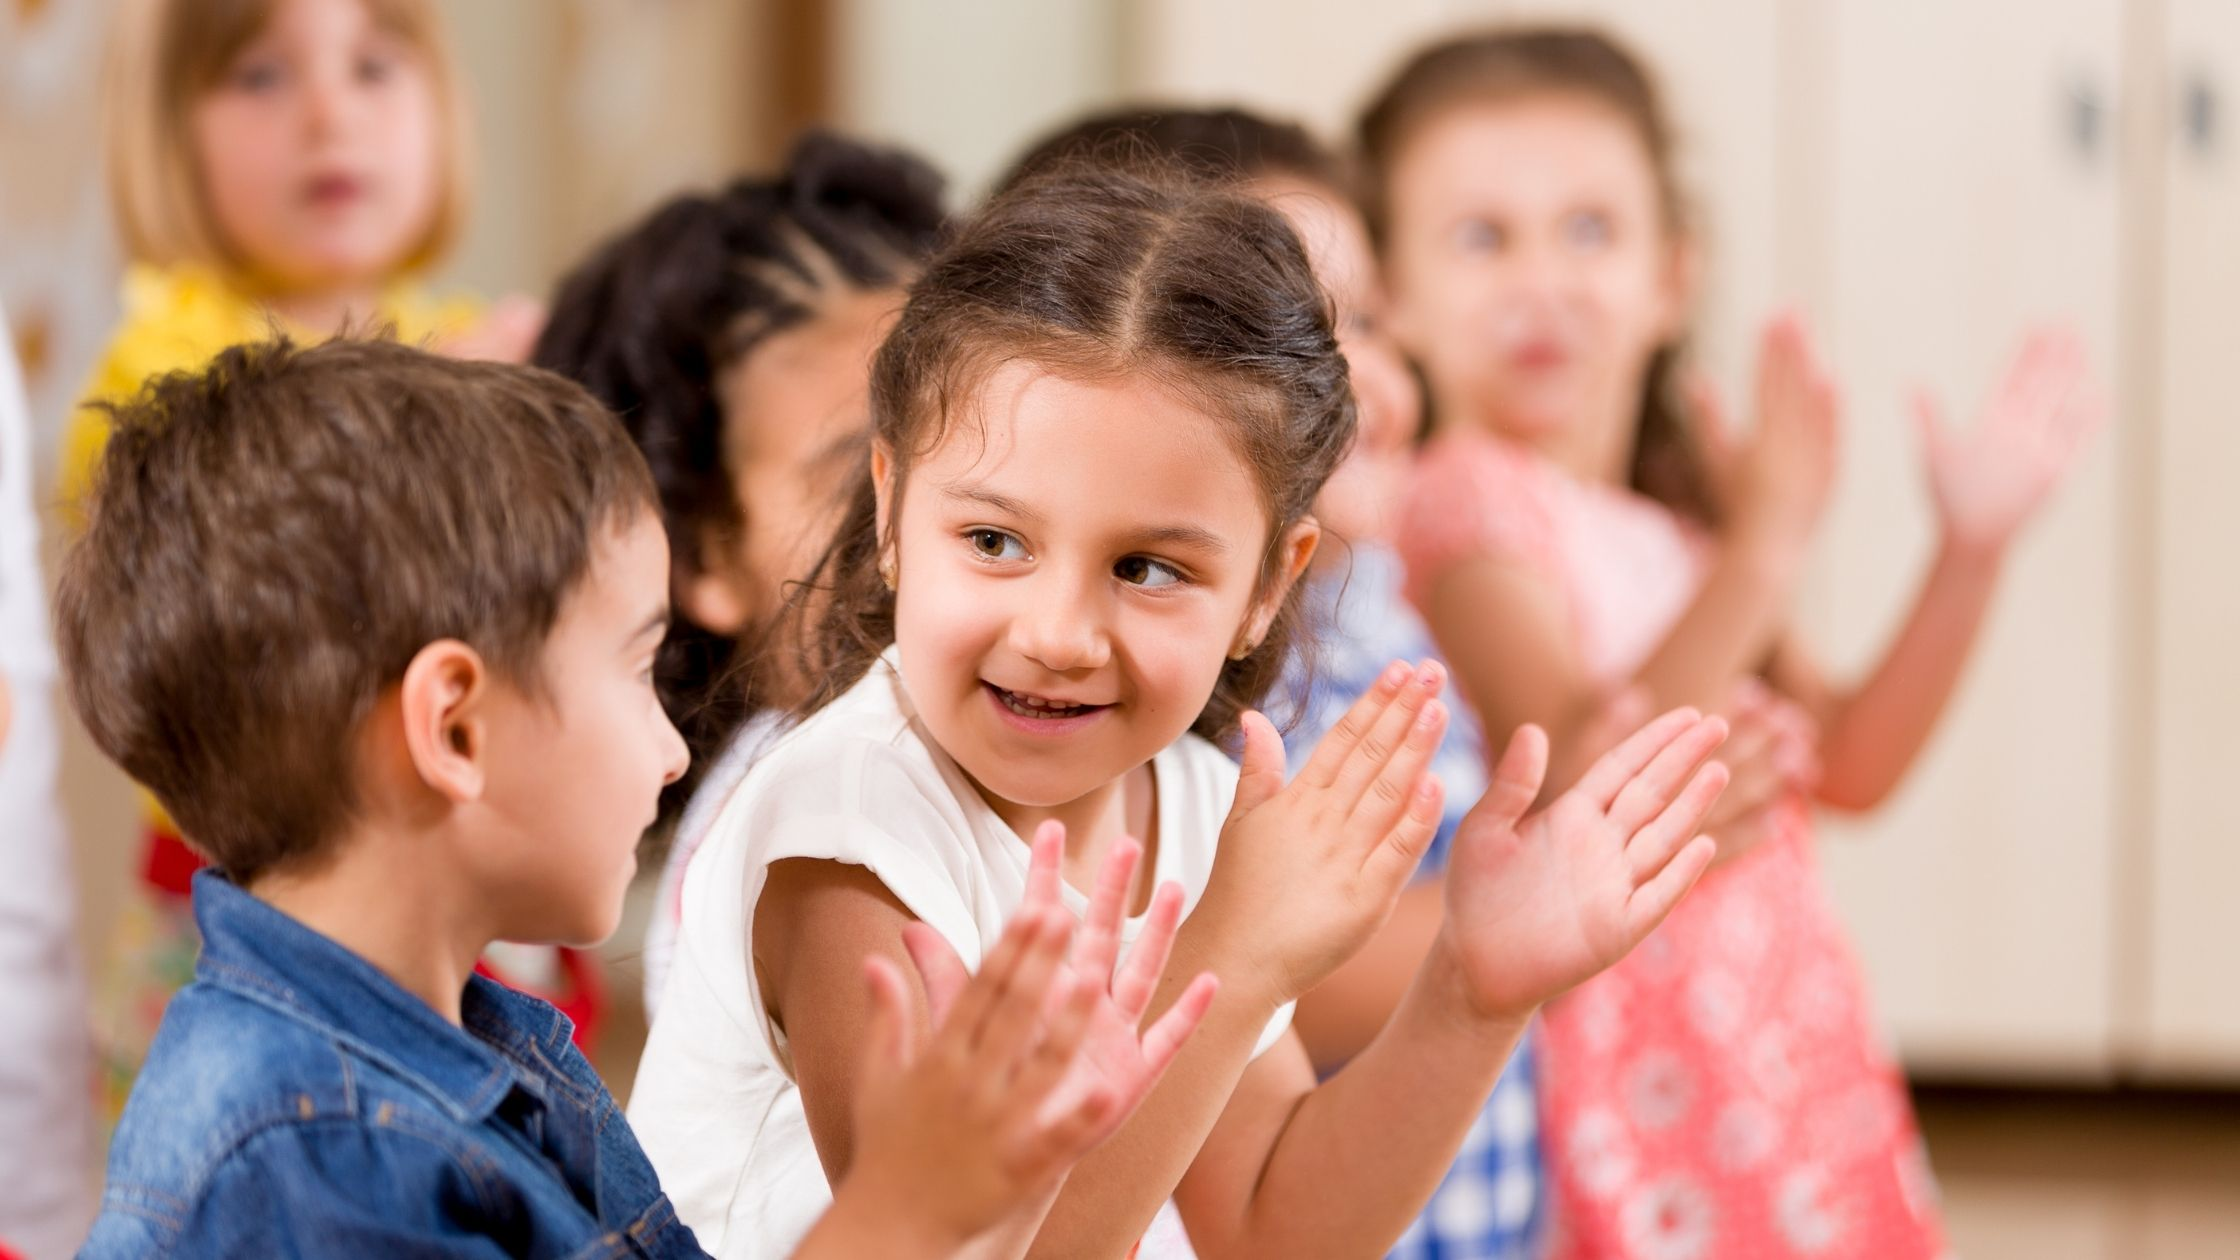 4 Types Of Development We Witness In Preschool Students